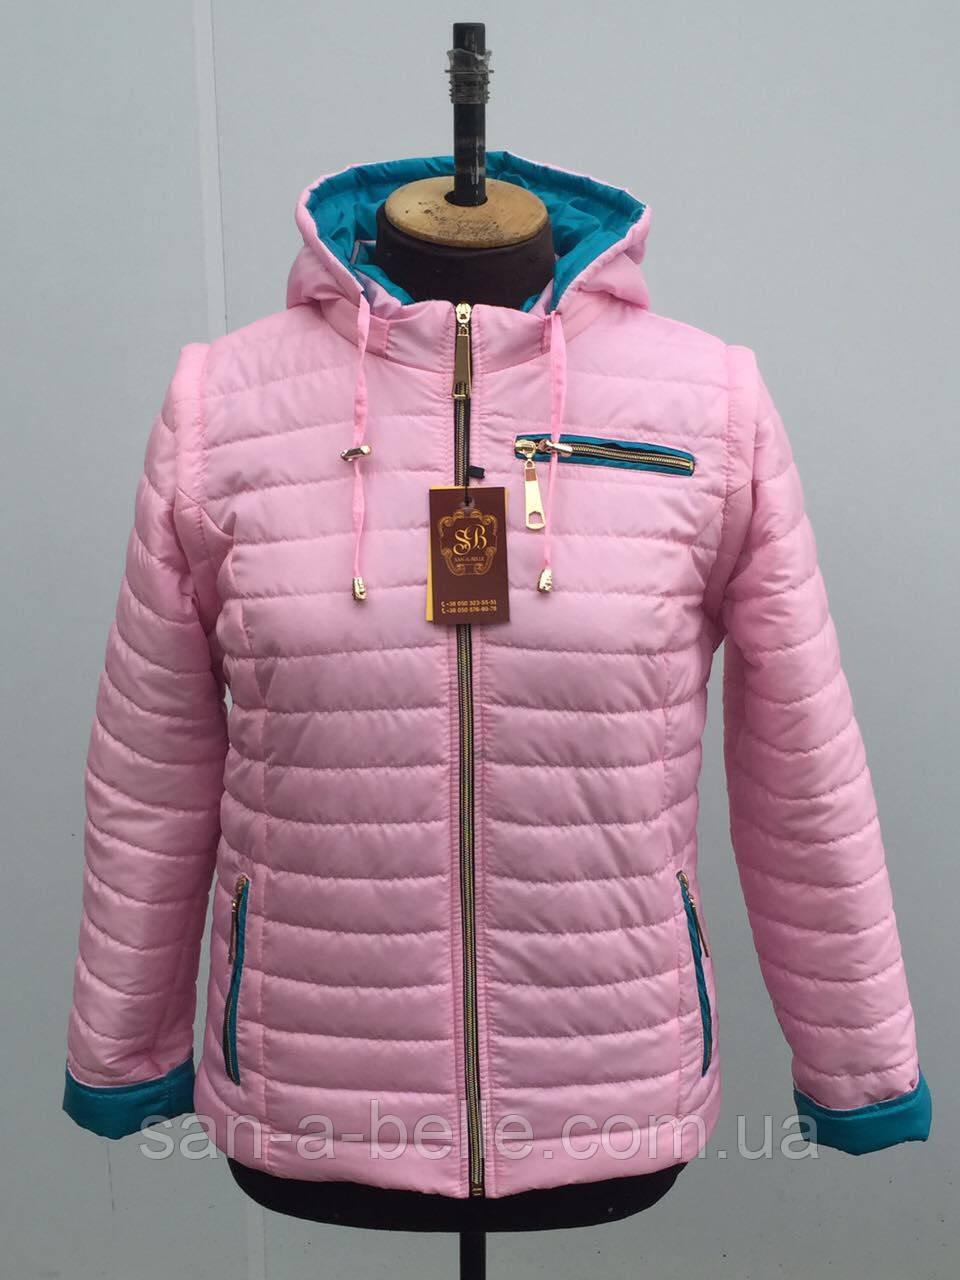 3b7f486d97a Куртка-трансформер женская